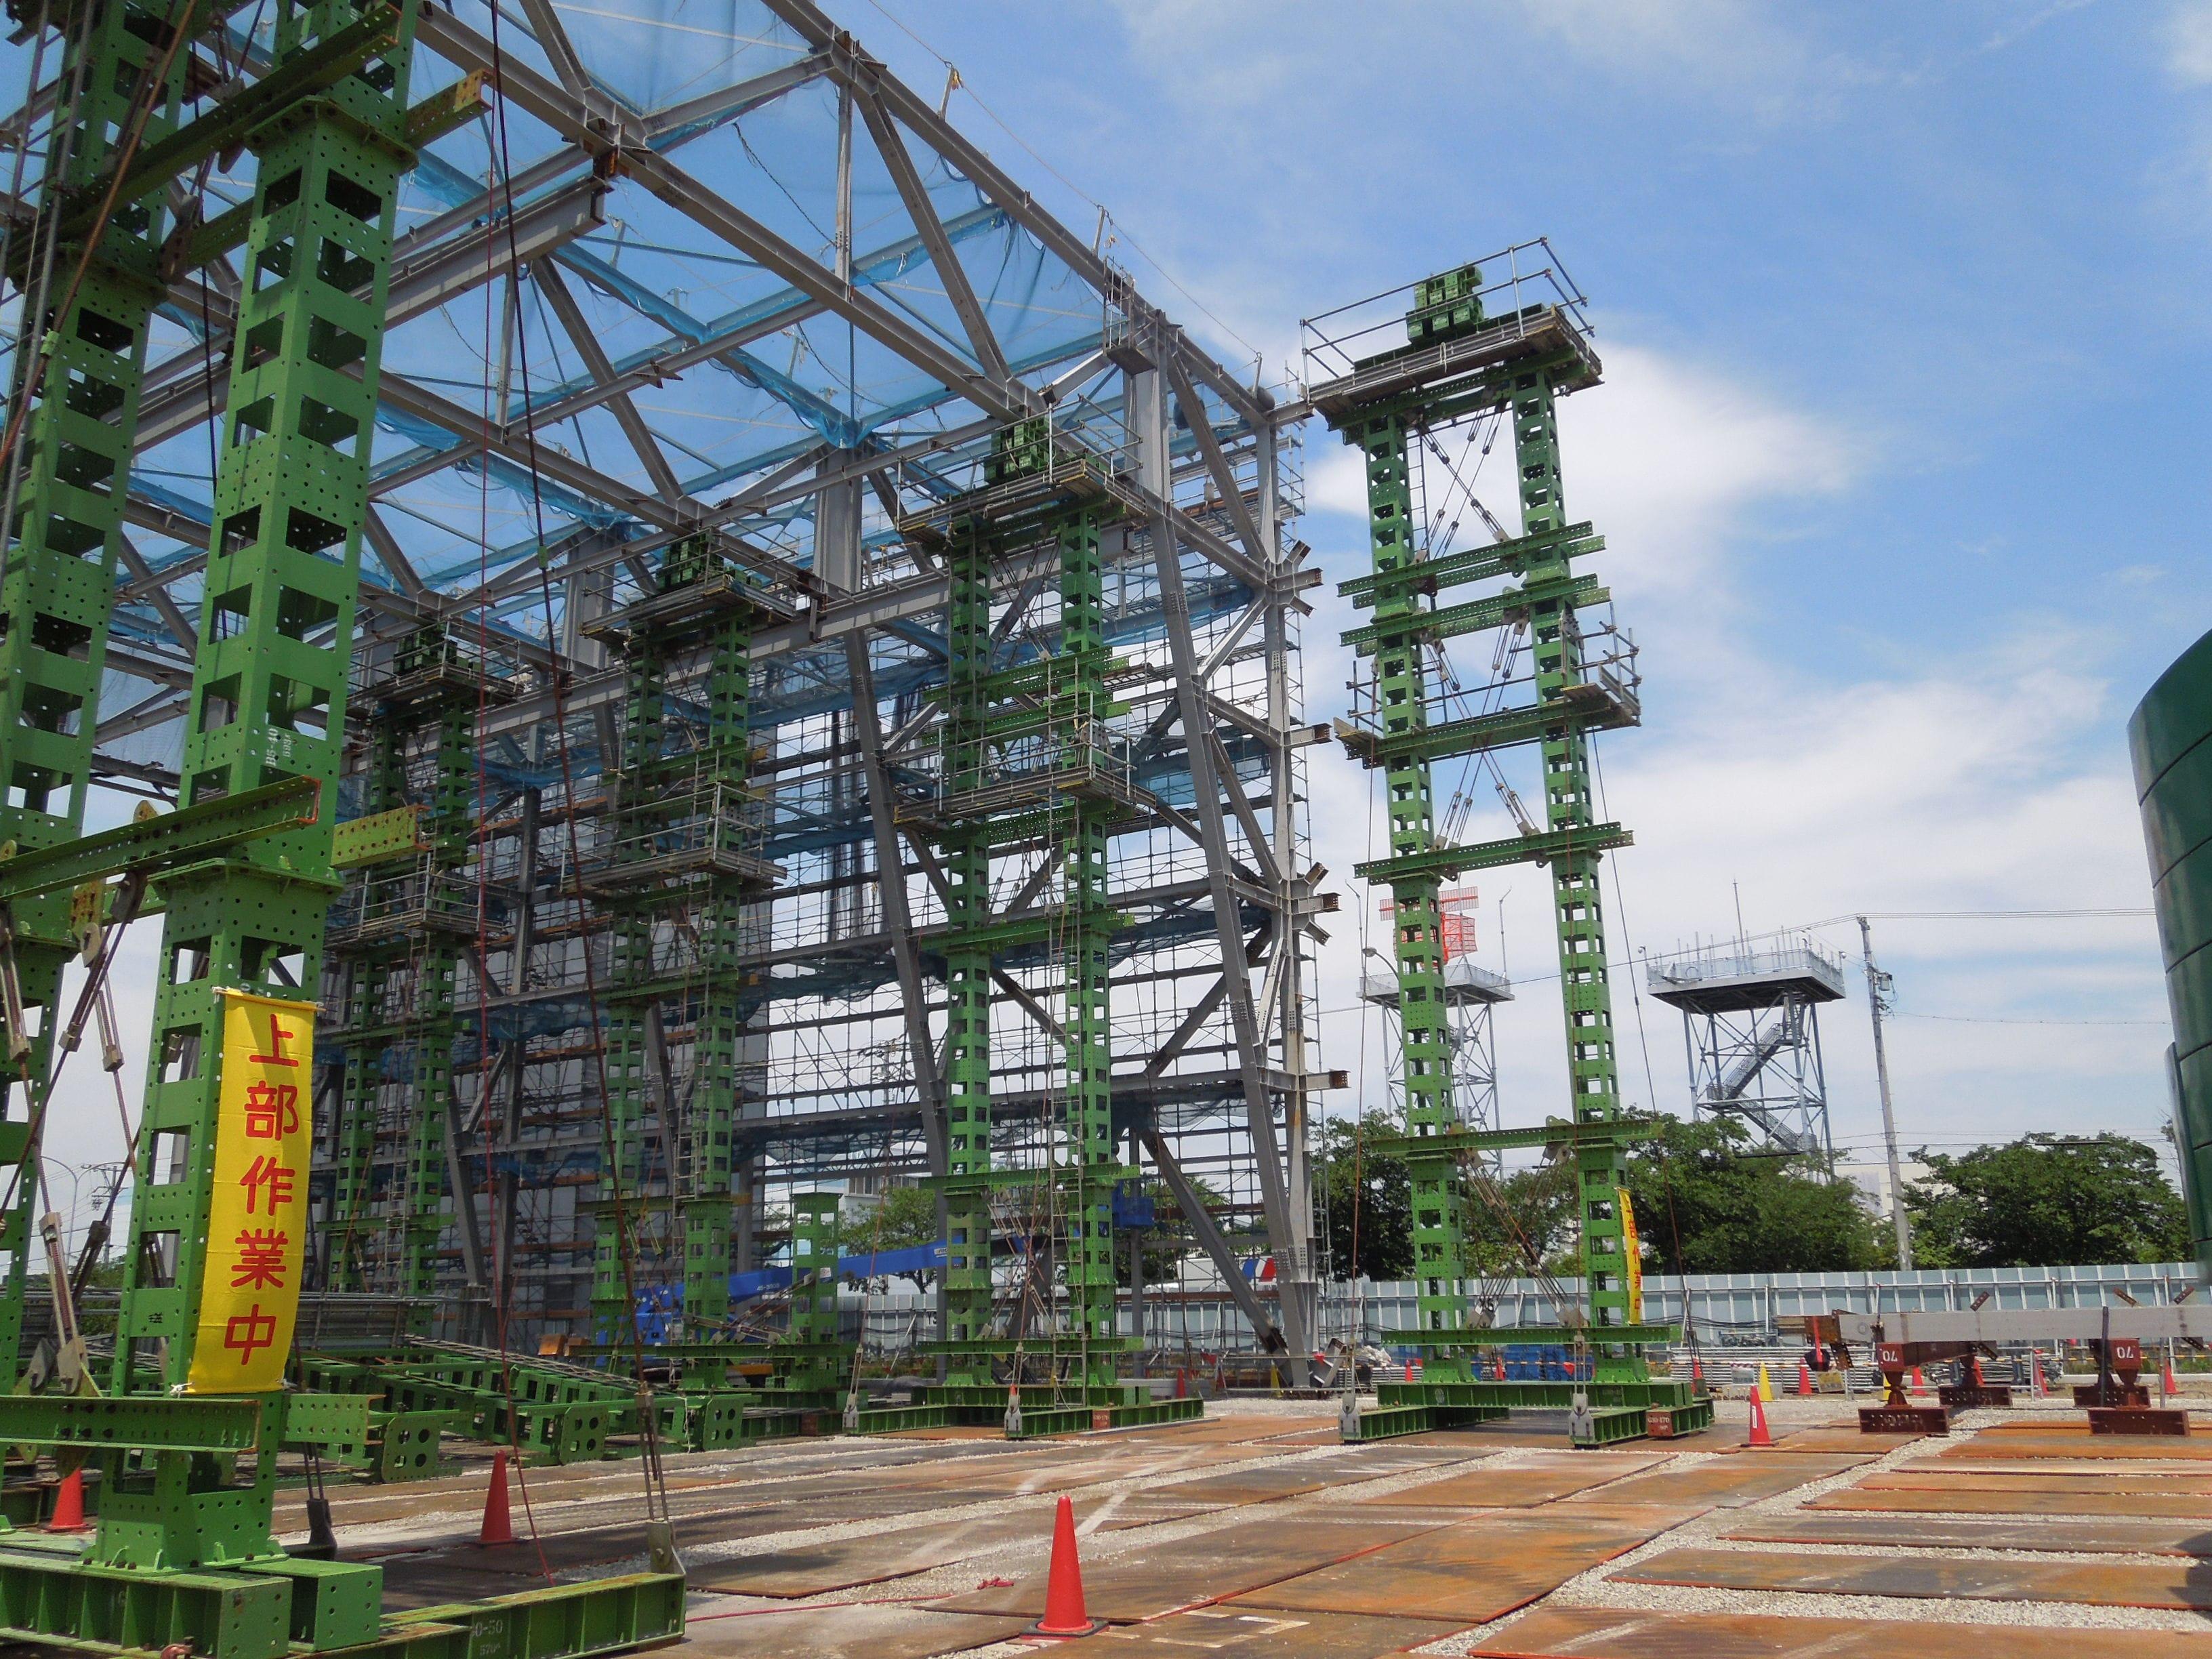 愛知県大規模展示場西棟